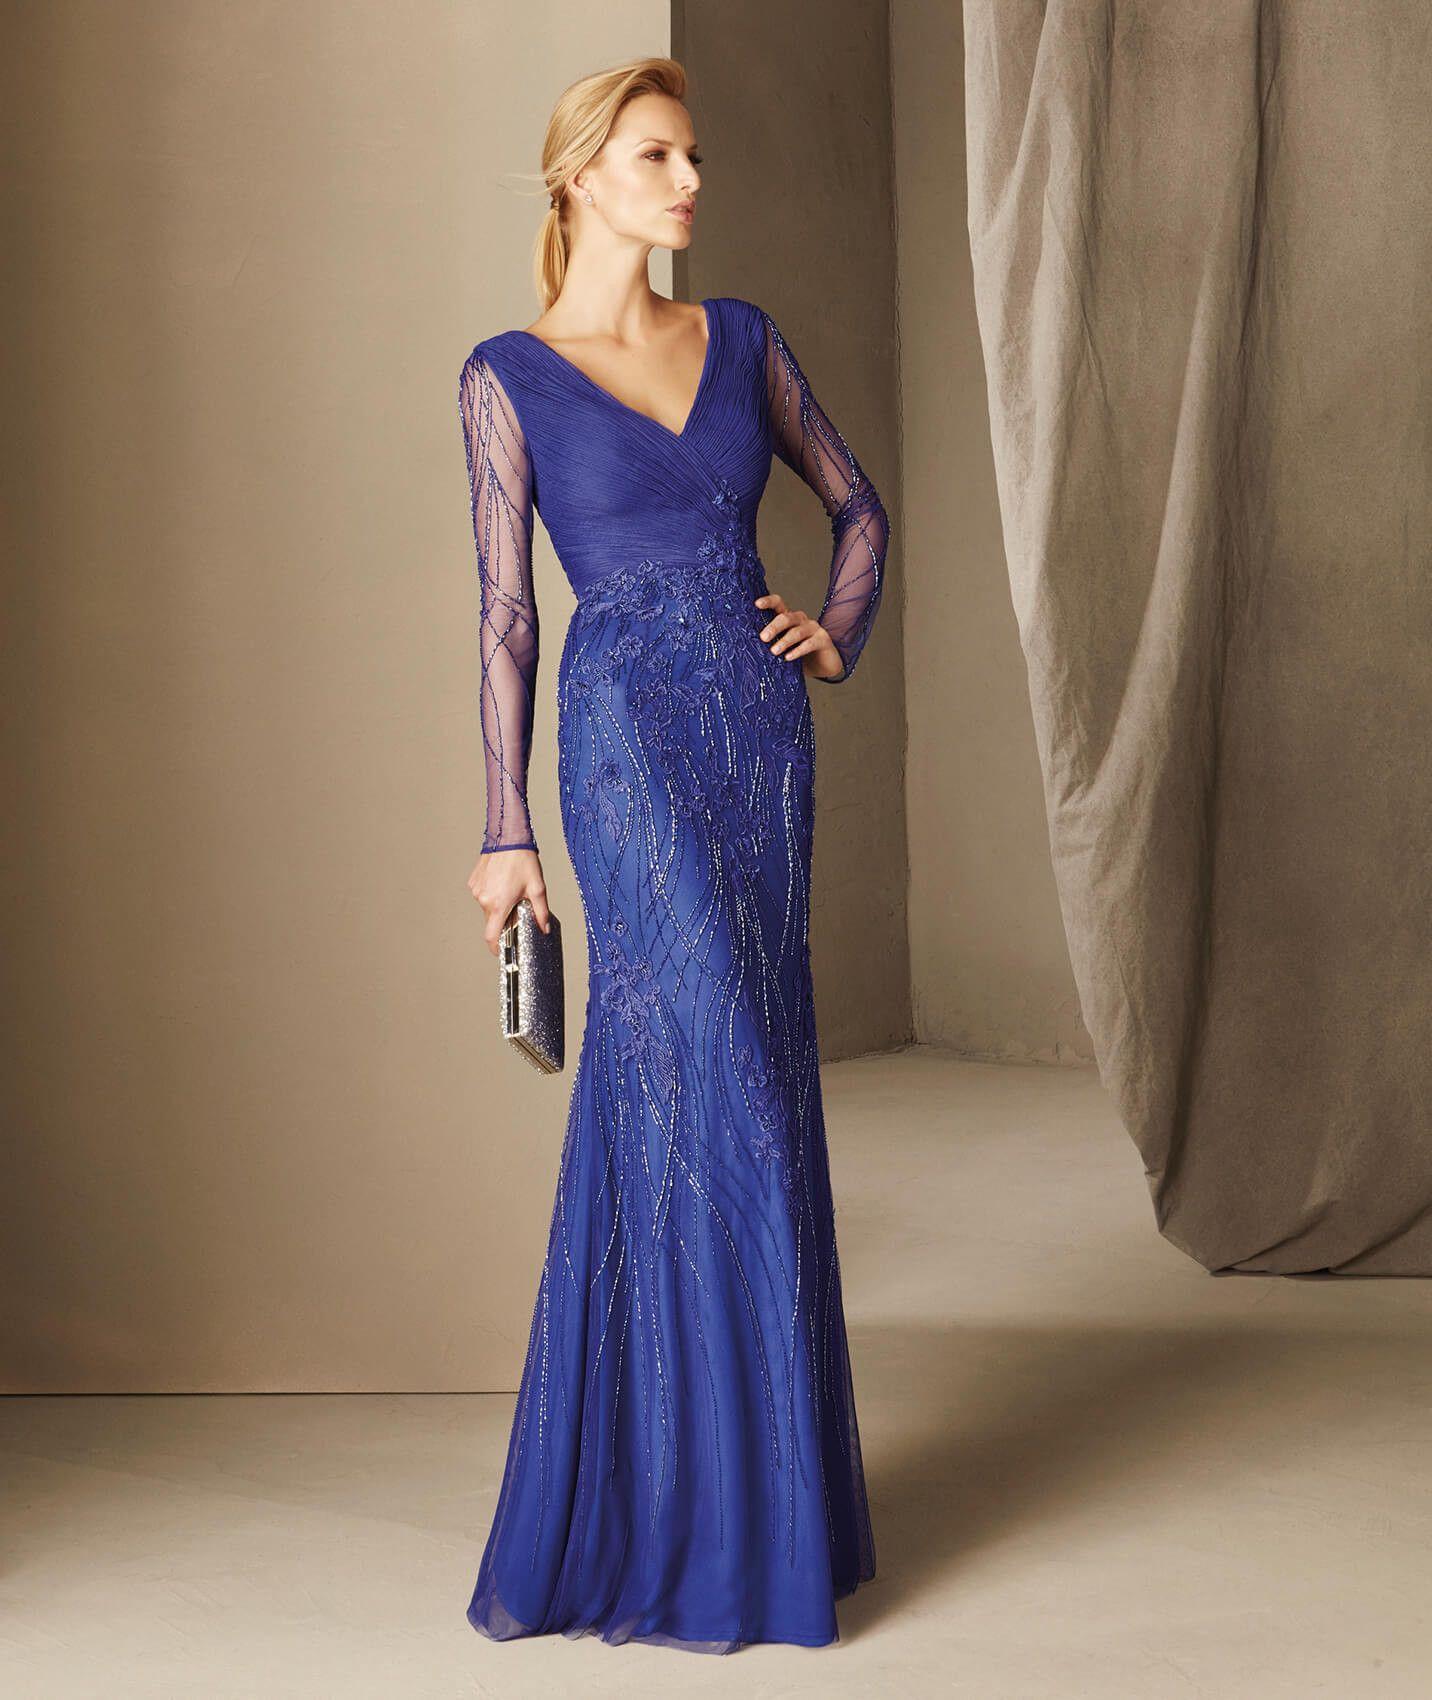 dbde94872 BOHEMIA diseñado para estilizar a la mujer. Vestido de madrina ...